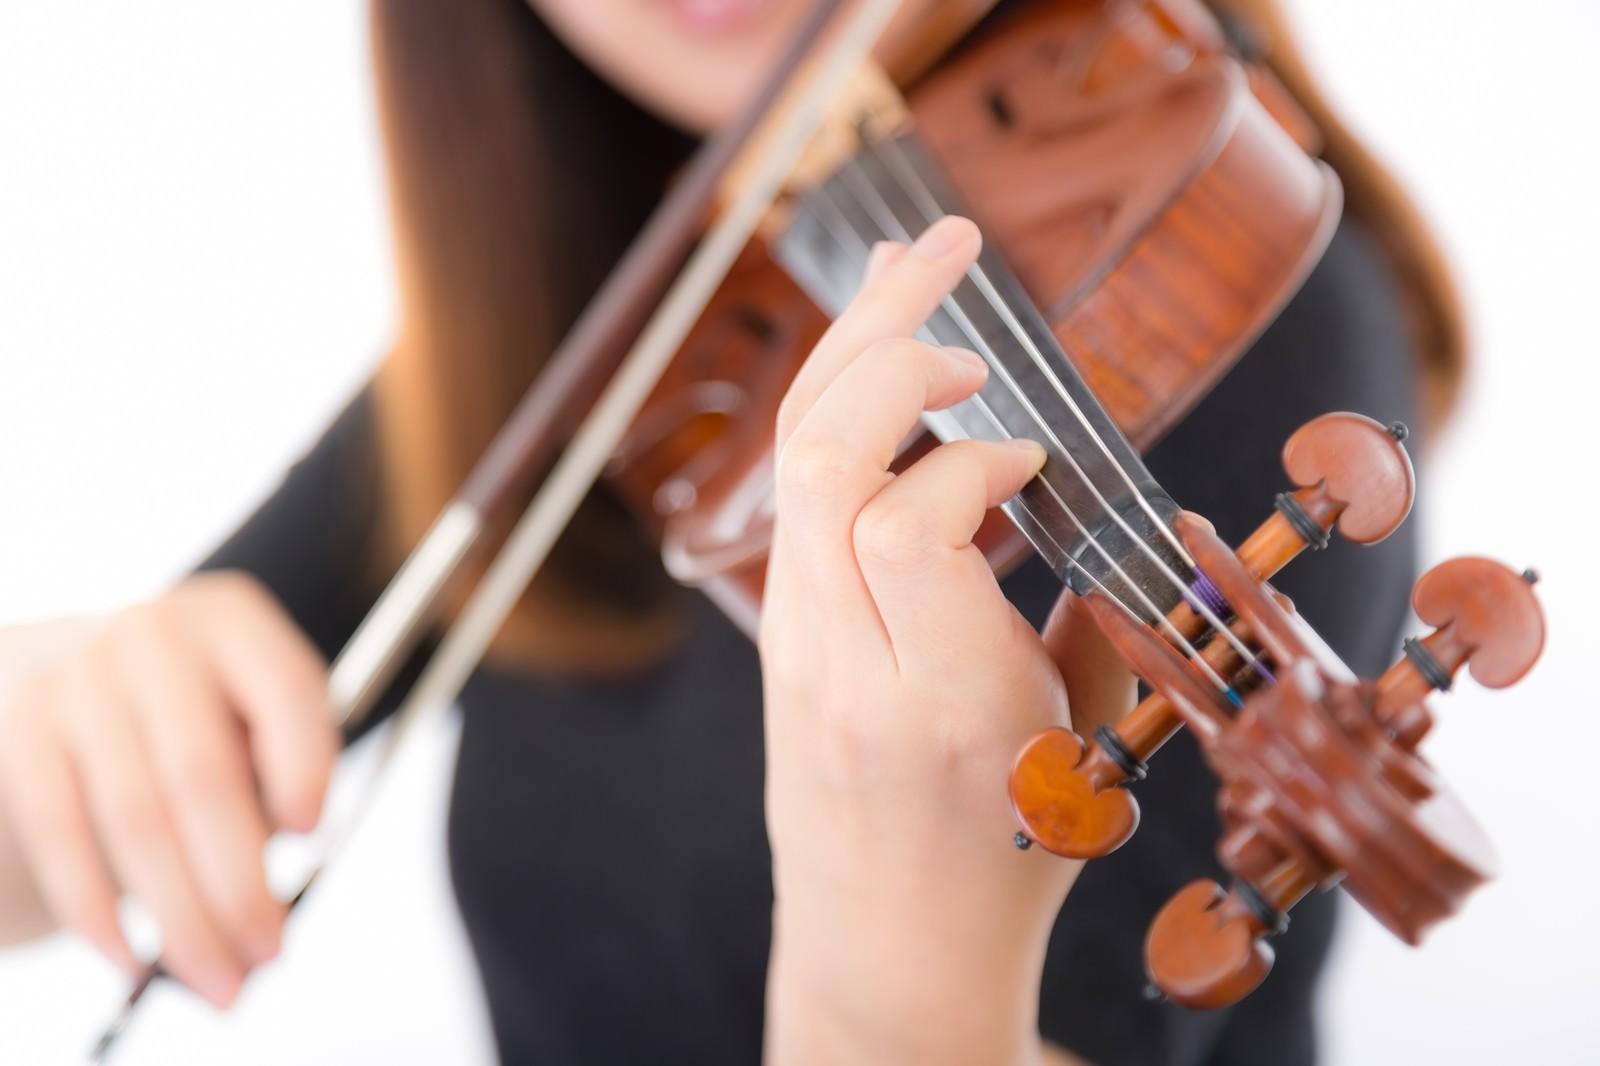 「ヴァイオリン演奏中の手のアップ」の写真[モデル:yukiko]